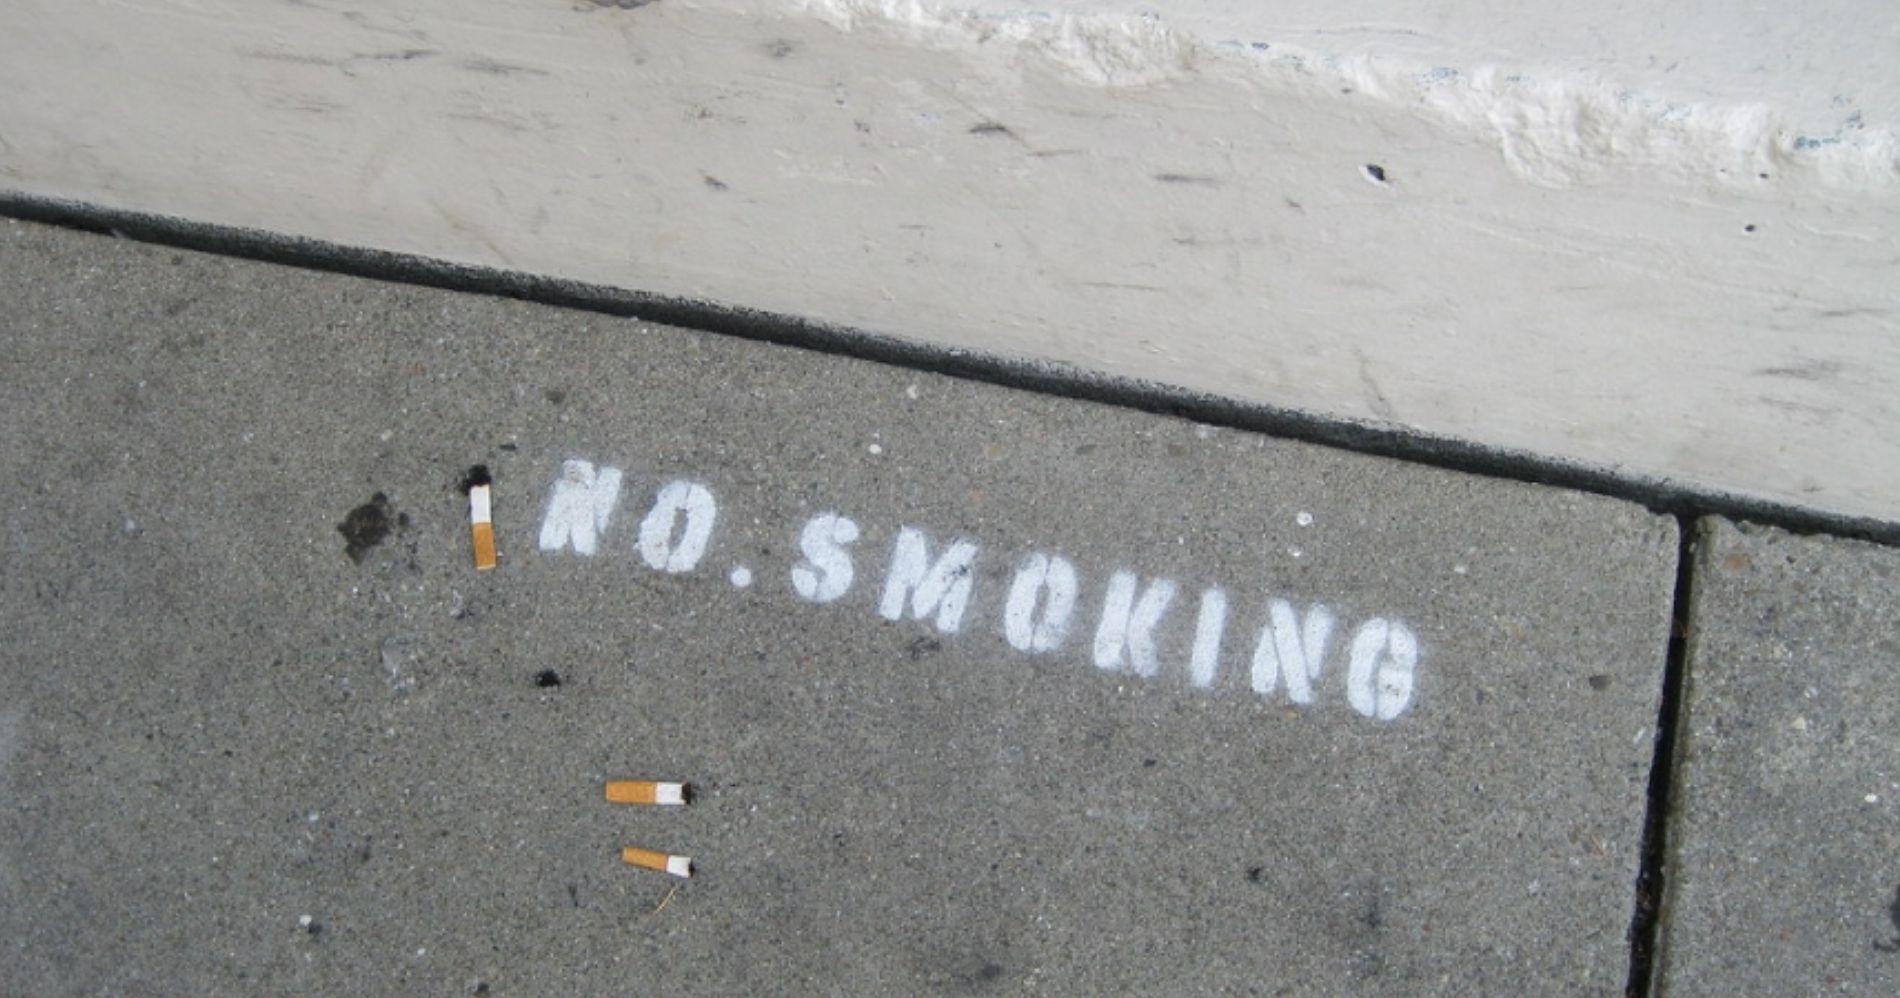 No Smoking Illustration Web Bisnis Muda - Image: Flickr